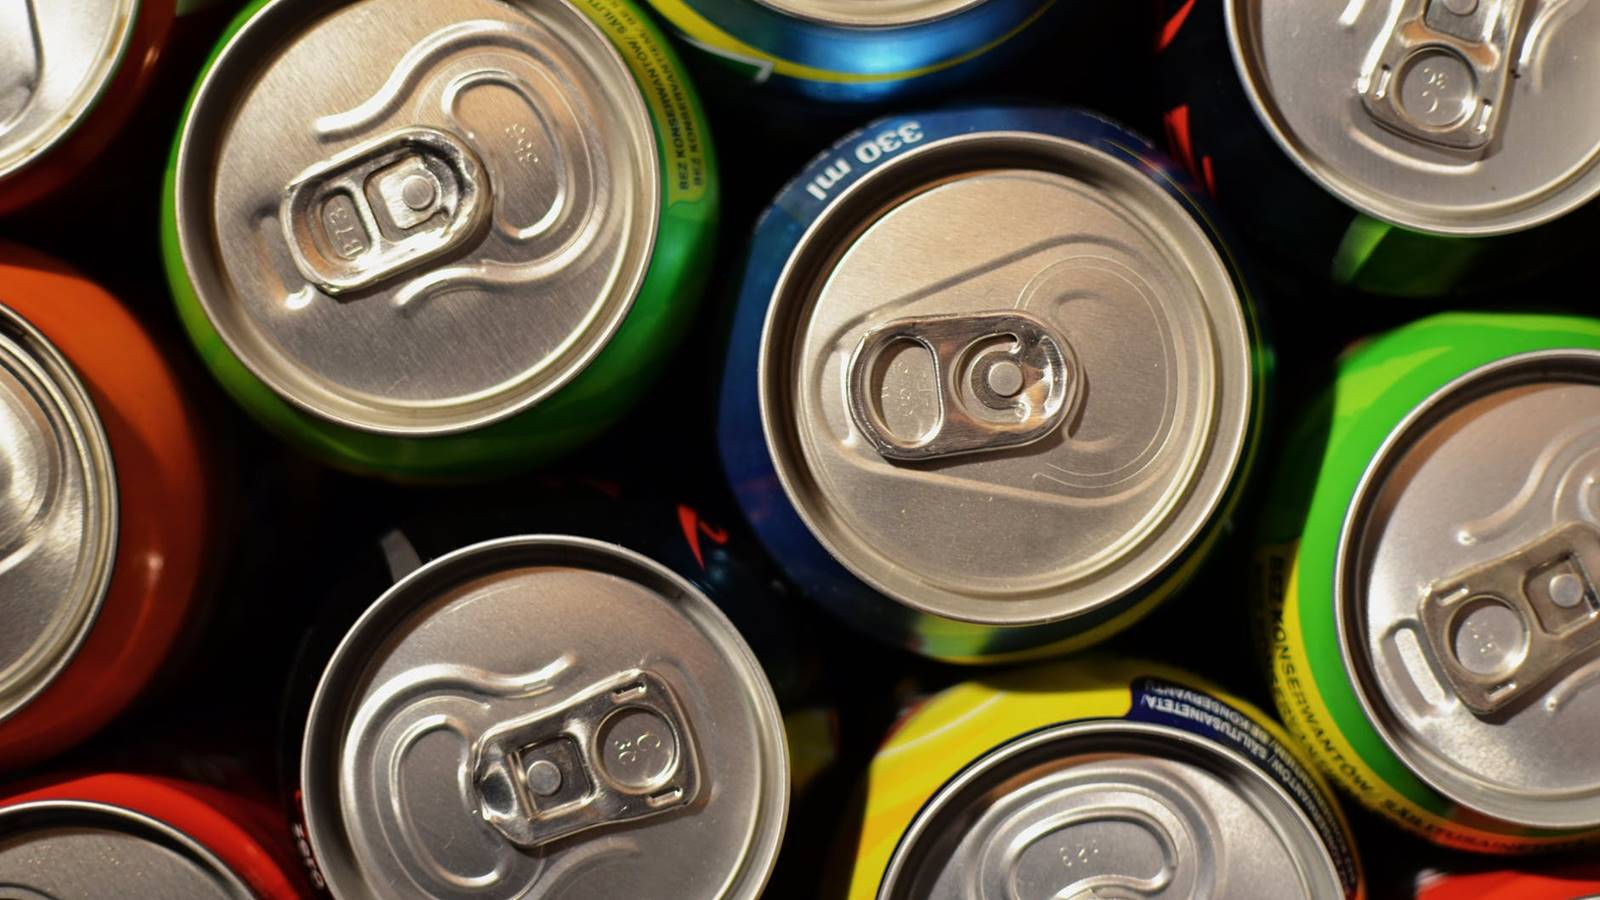 México, más vulnerable a Covid-19 por alto consumo de refrescos y chatarra: ASA